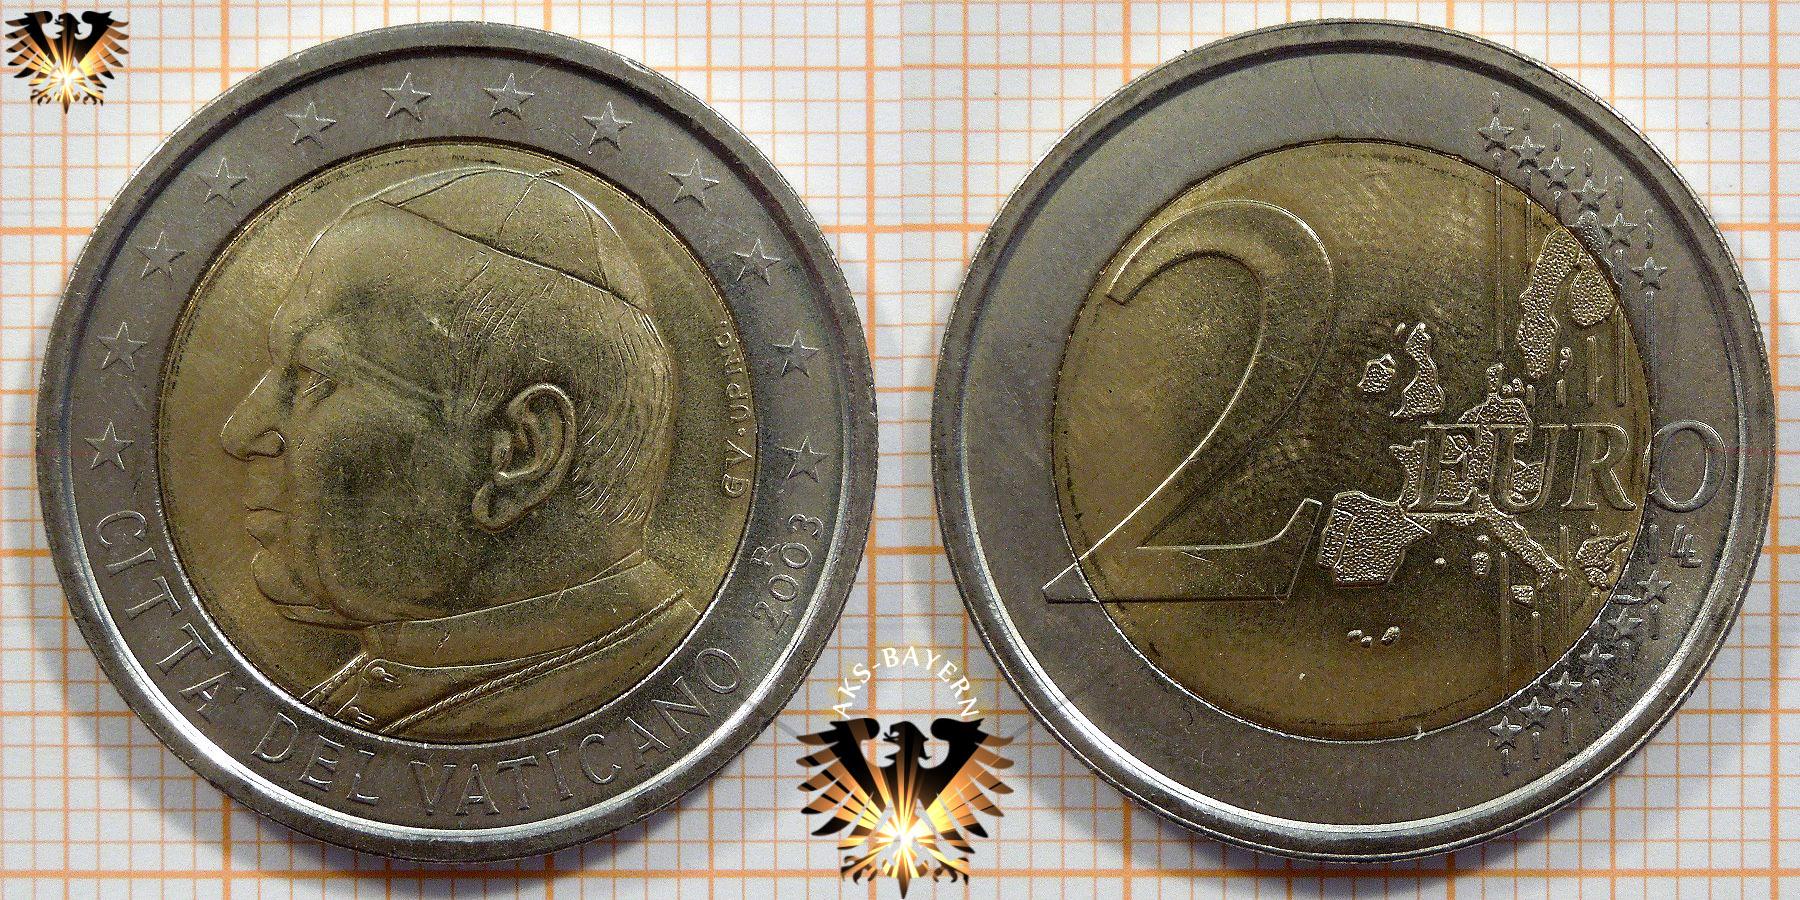 2 Euro Münze Vatikanstadt 2002 2005 Geldmünze